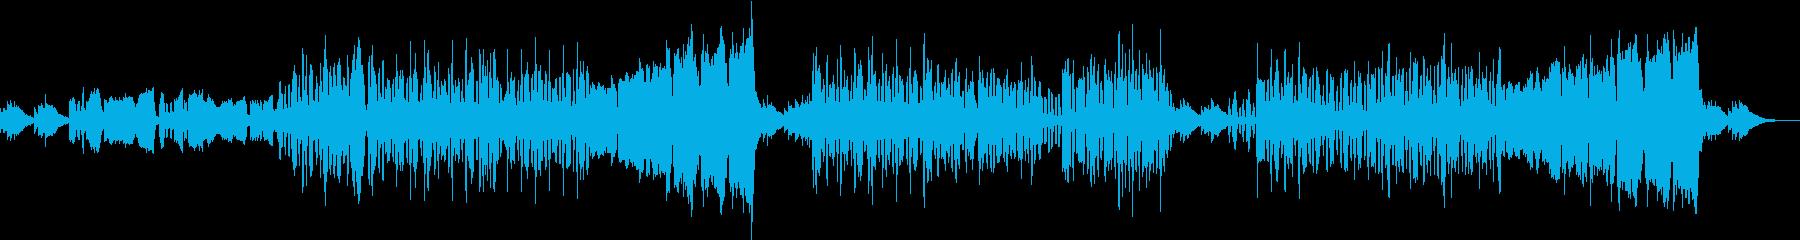 陽気な一日の始まり:Trumpetの再生済みの波形